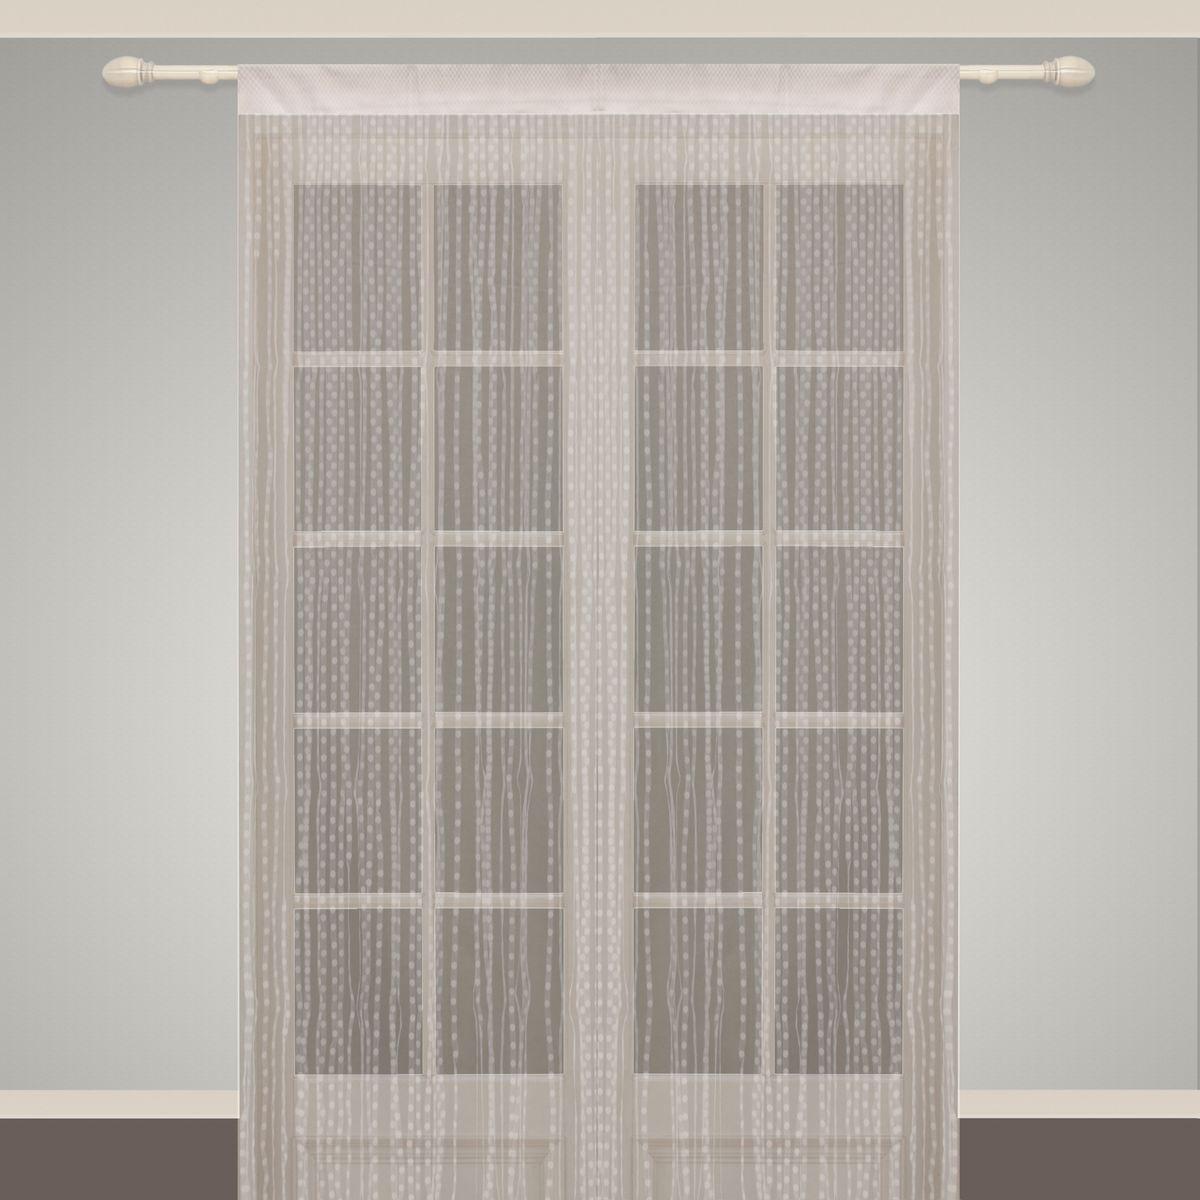 Штора нитяная Sanpa Home Collection, на ленте, цвет: белый, высота 290 смSP 102/BLUEWHITE, , 150*290 смШтора нитяная Sanpa Home Collection, выполненная из текстиля, подходит как для зонирования пространства, так и для декорации окна, как самостоятельное решение или дополнение к шторам. Такая штора великолепно дополнит интерьер вашего дома и станет отличным дизайнерским решением.